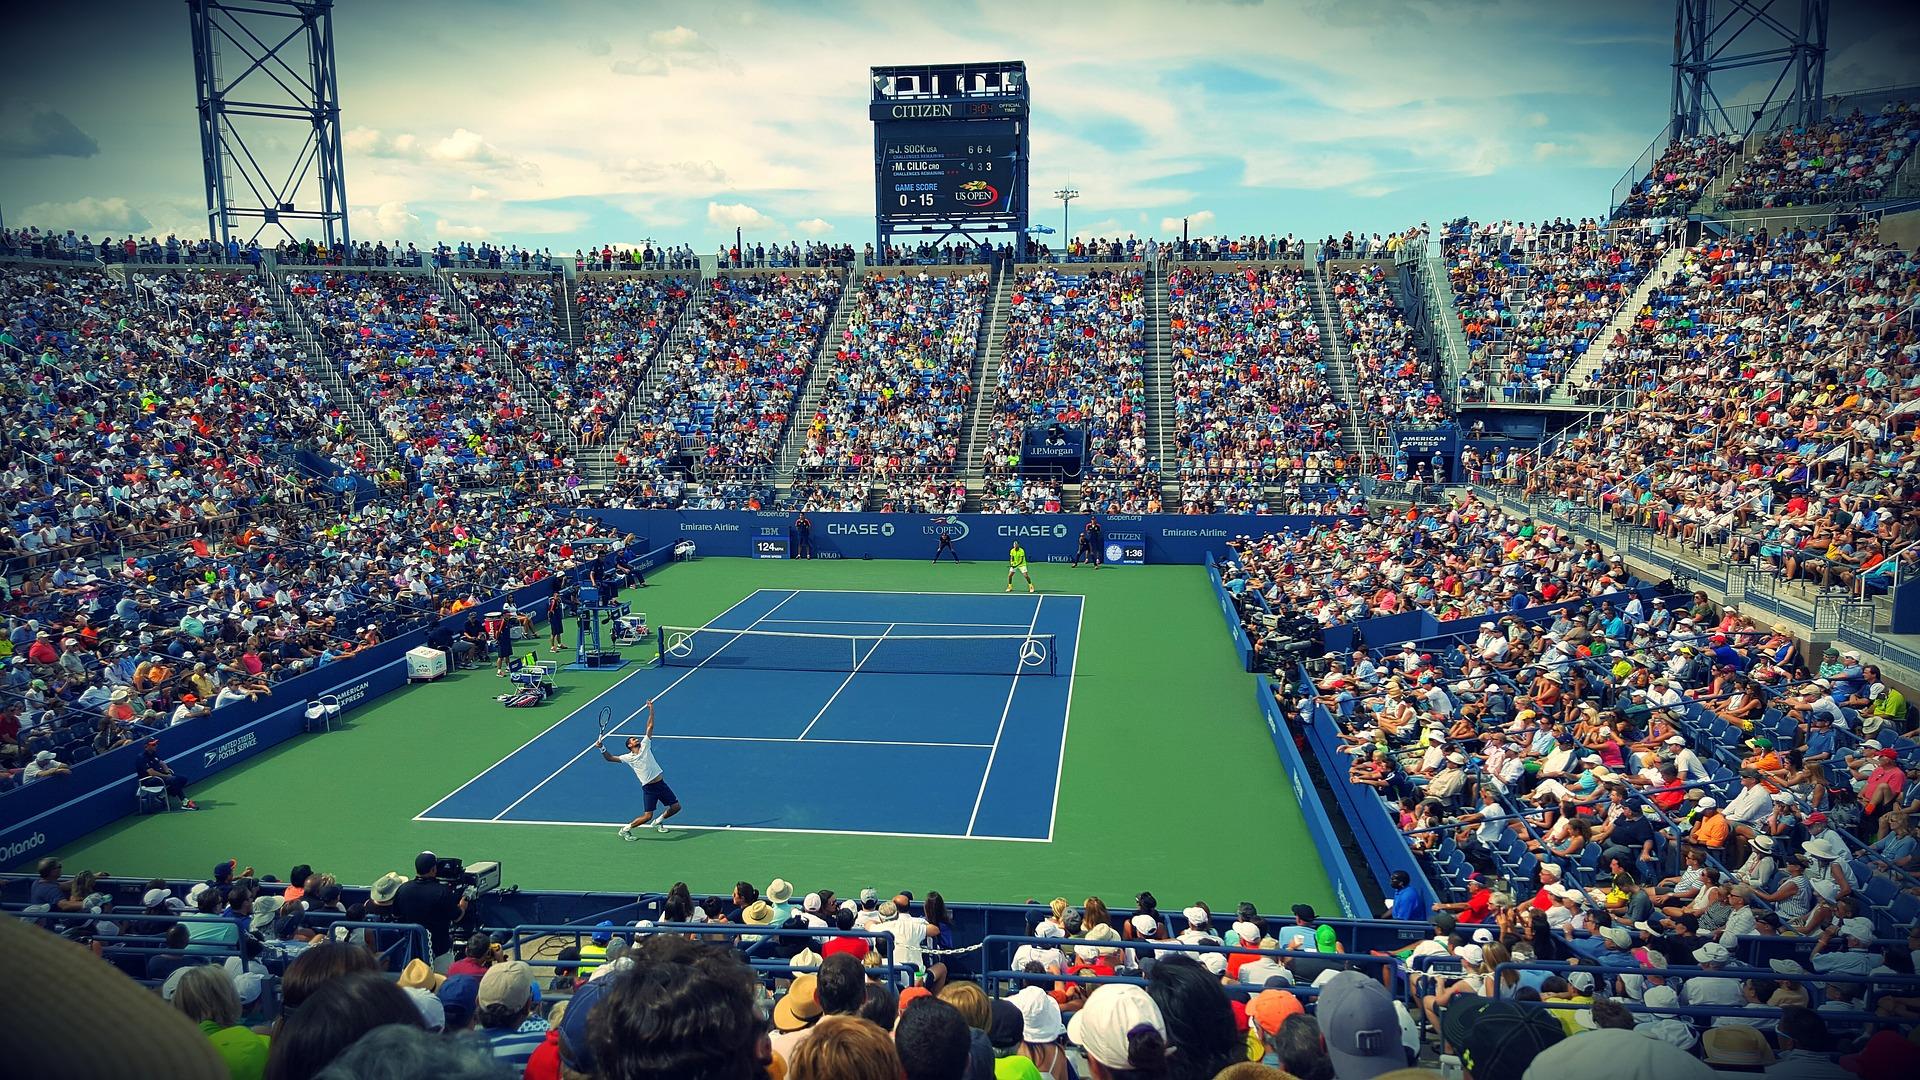 テニスの観戦が楽しくなる!【ルールと観戦のポイント】